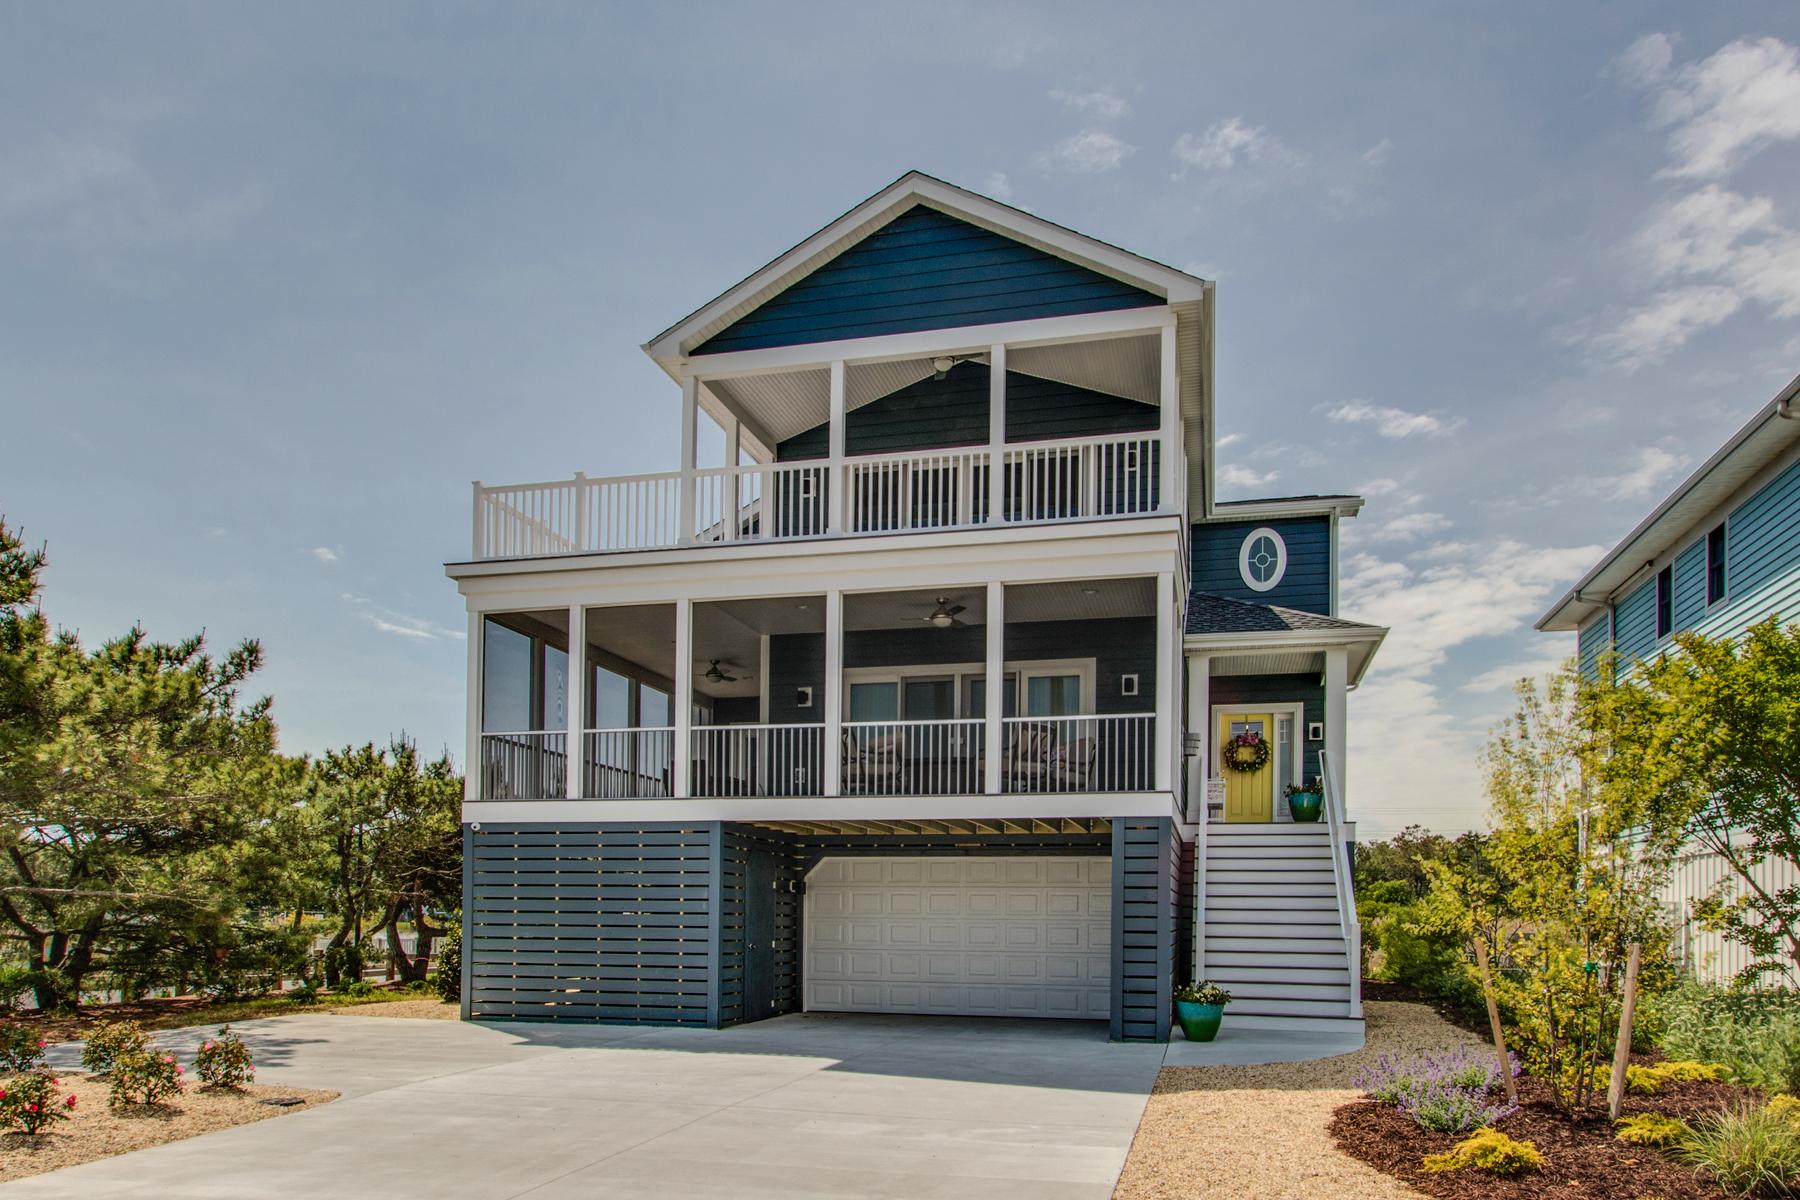 Μονοκατοικία για την Πώληση στο 7 Clayton St , Dewey Beach, DE 19971 7 Clayton St 7, Dewey Beach, Ντελαγουερ 19971 Ηνωμένες Πολιτείες